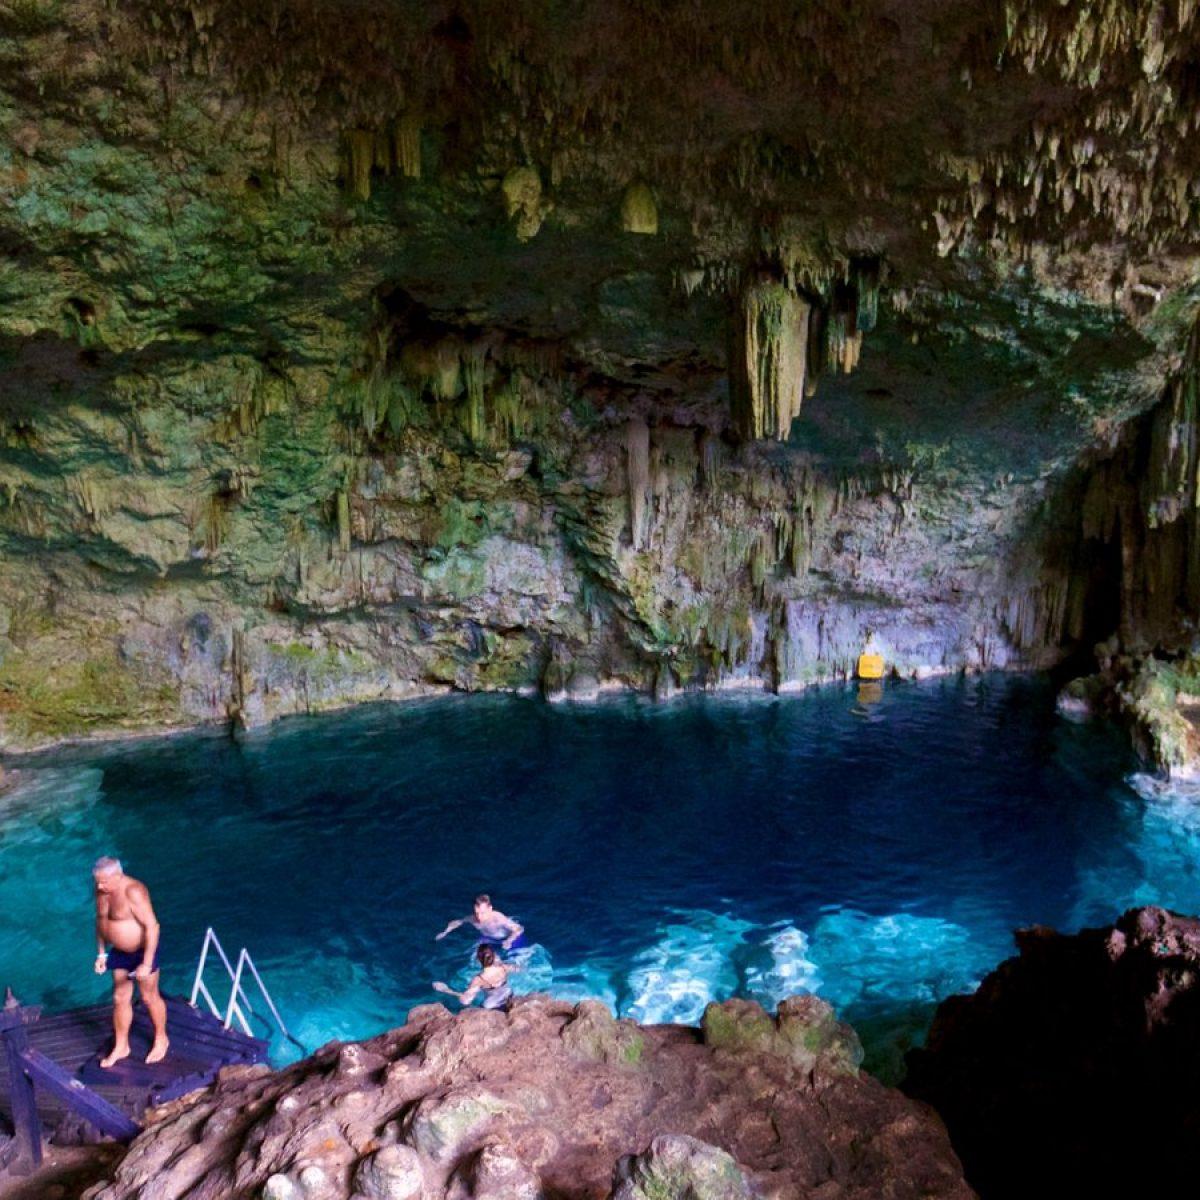 A Swim in the Cueva de Saturno